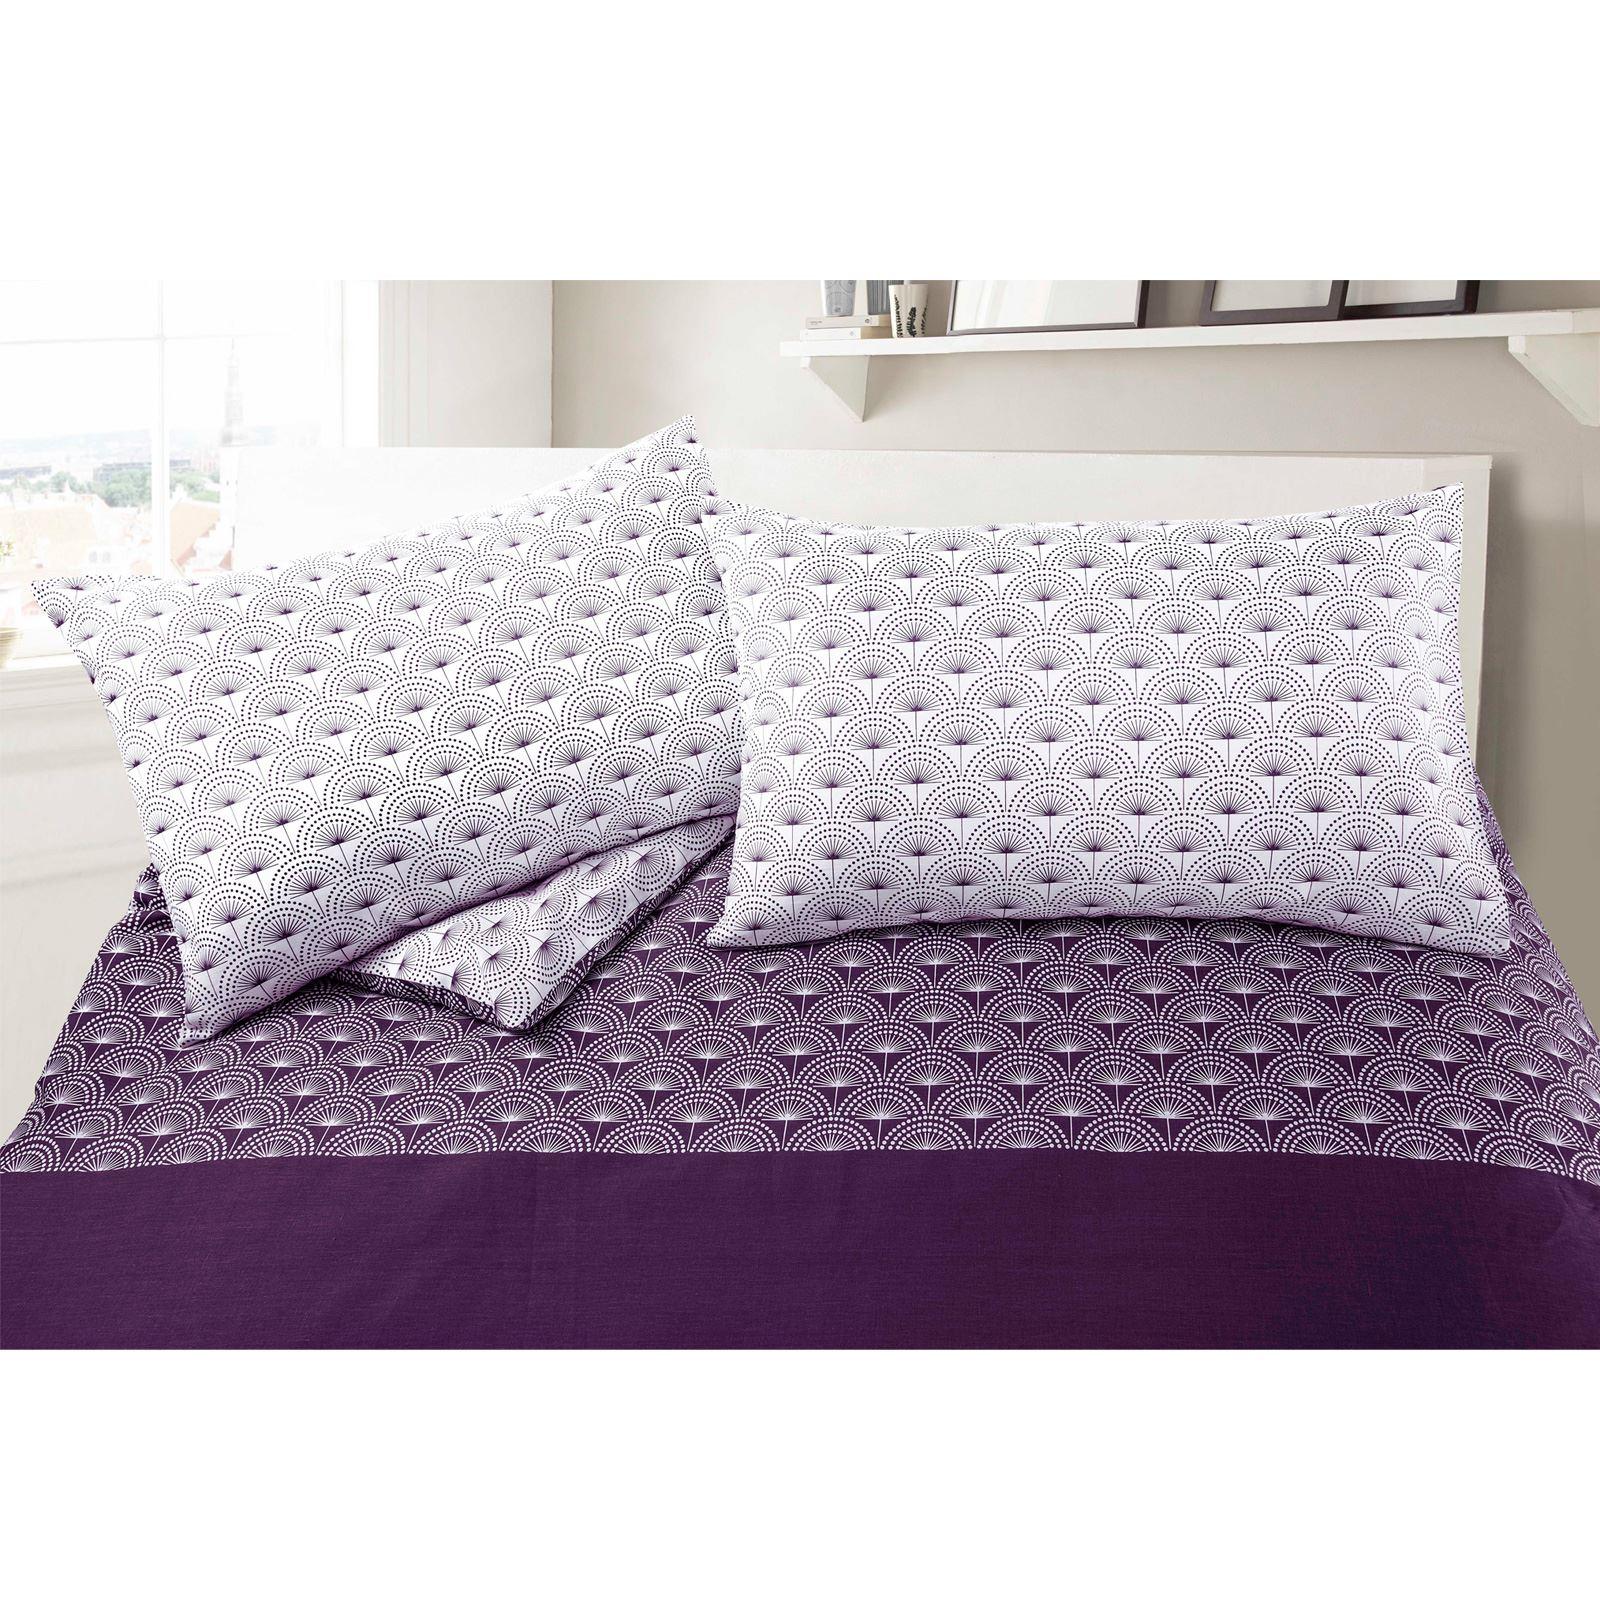 Paloma-Floral-Diente-de-leon-Wallpaper-100-algodon-acolchado-funda-nordica-conjunto-de-ropa-de-cama miniatura 9